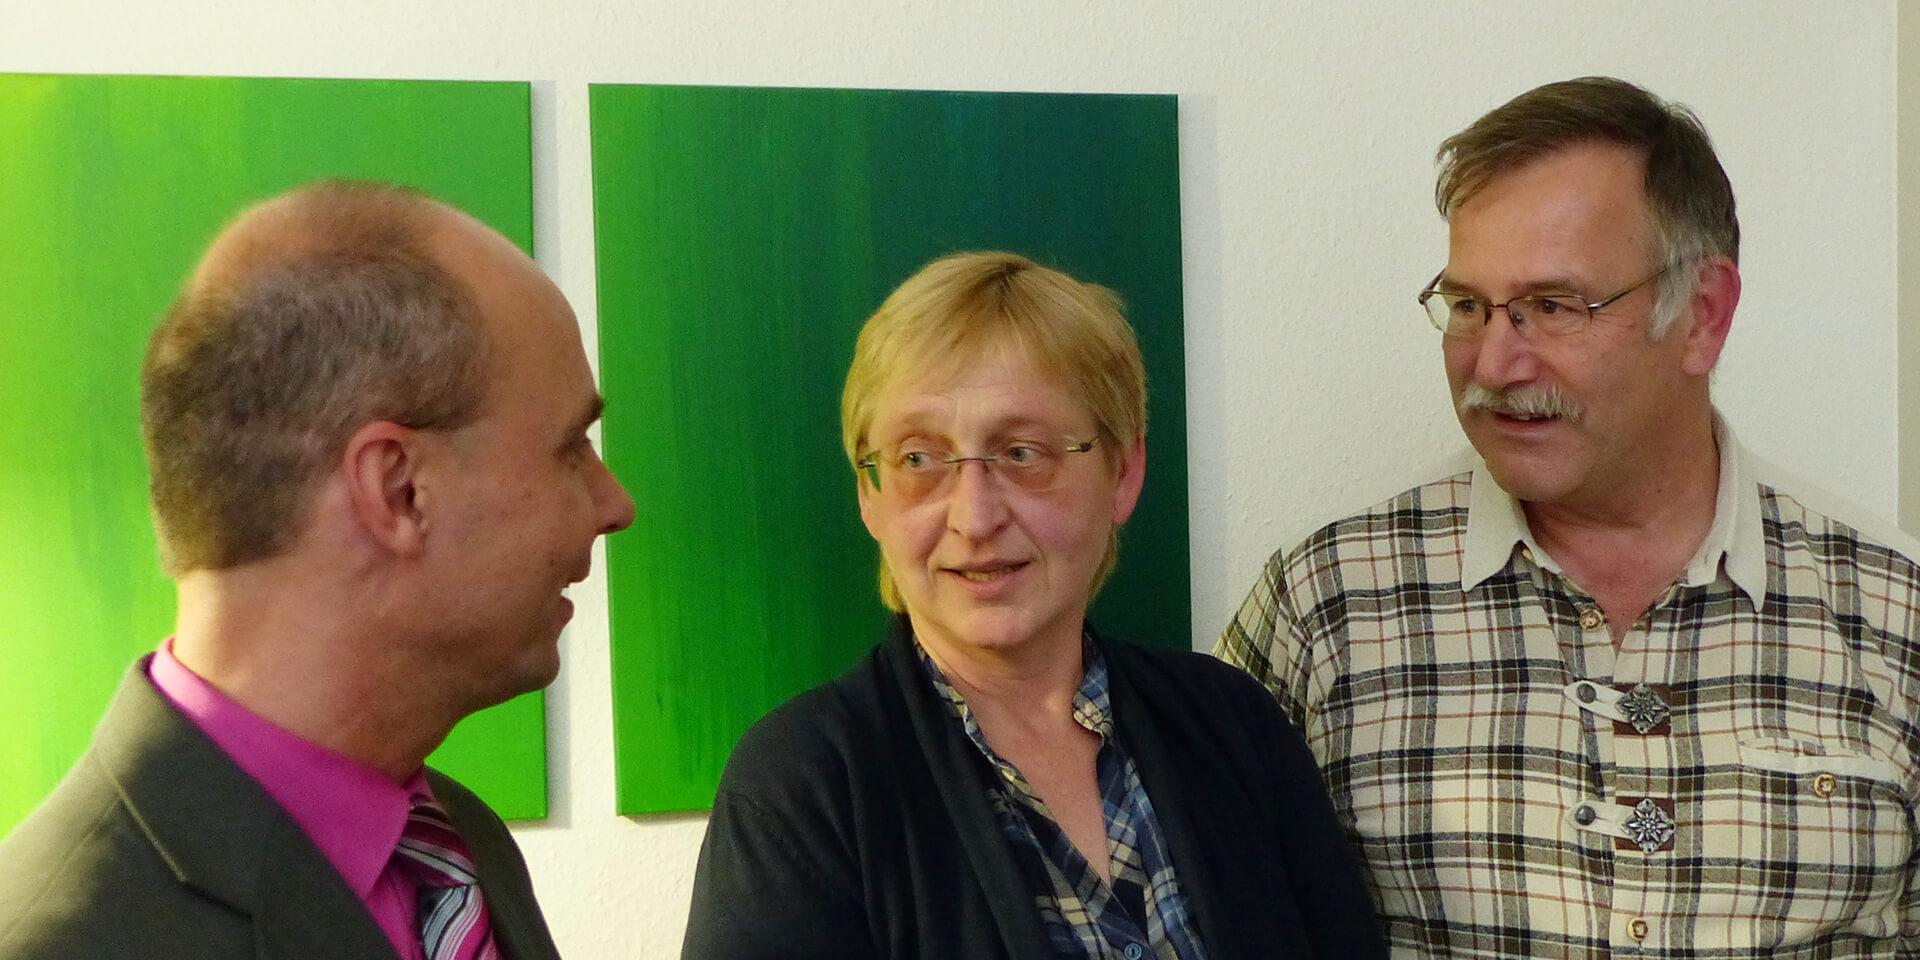 Klaus Klemm, Sabine Heider, Edwin Ernst